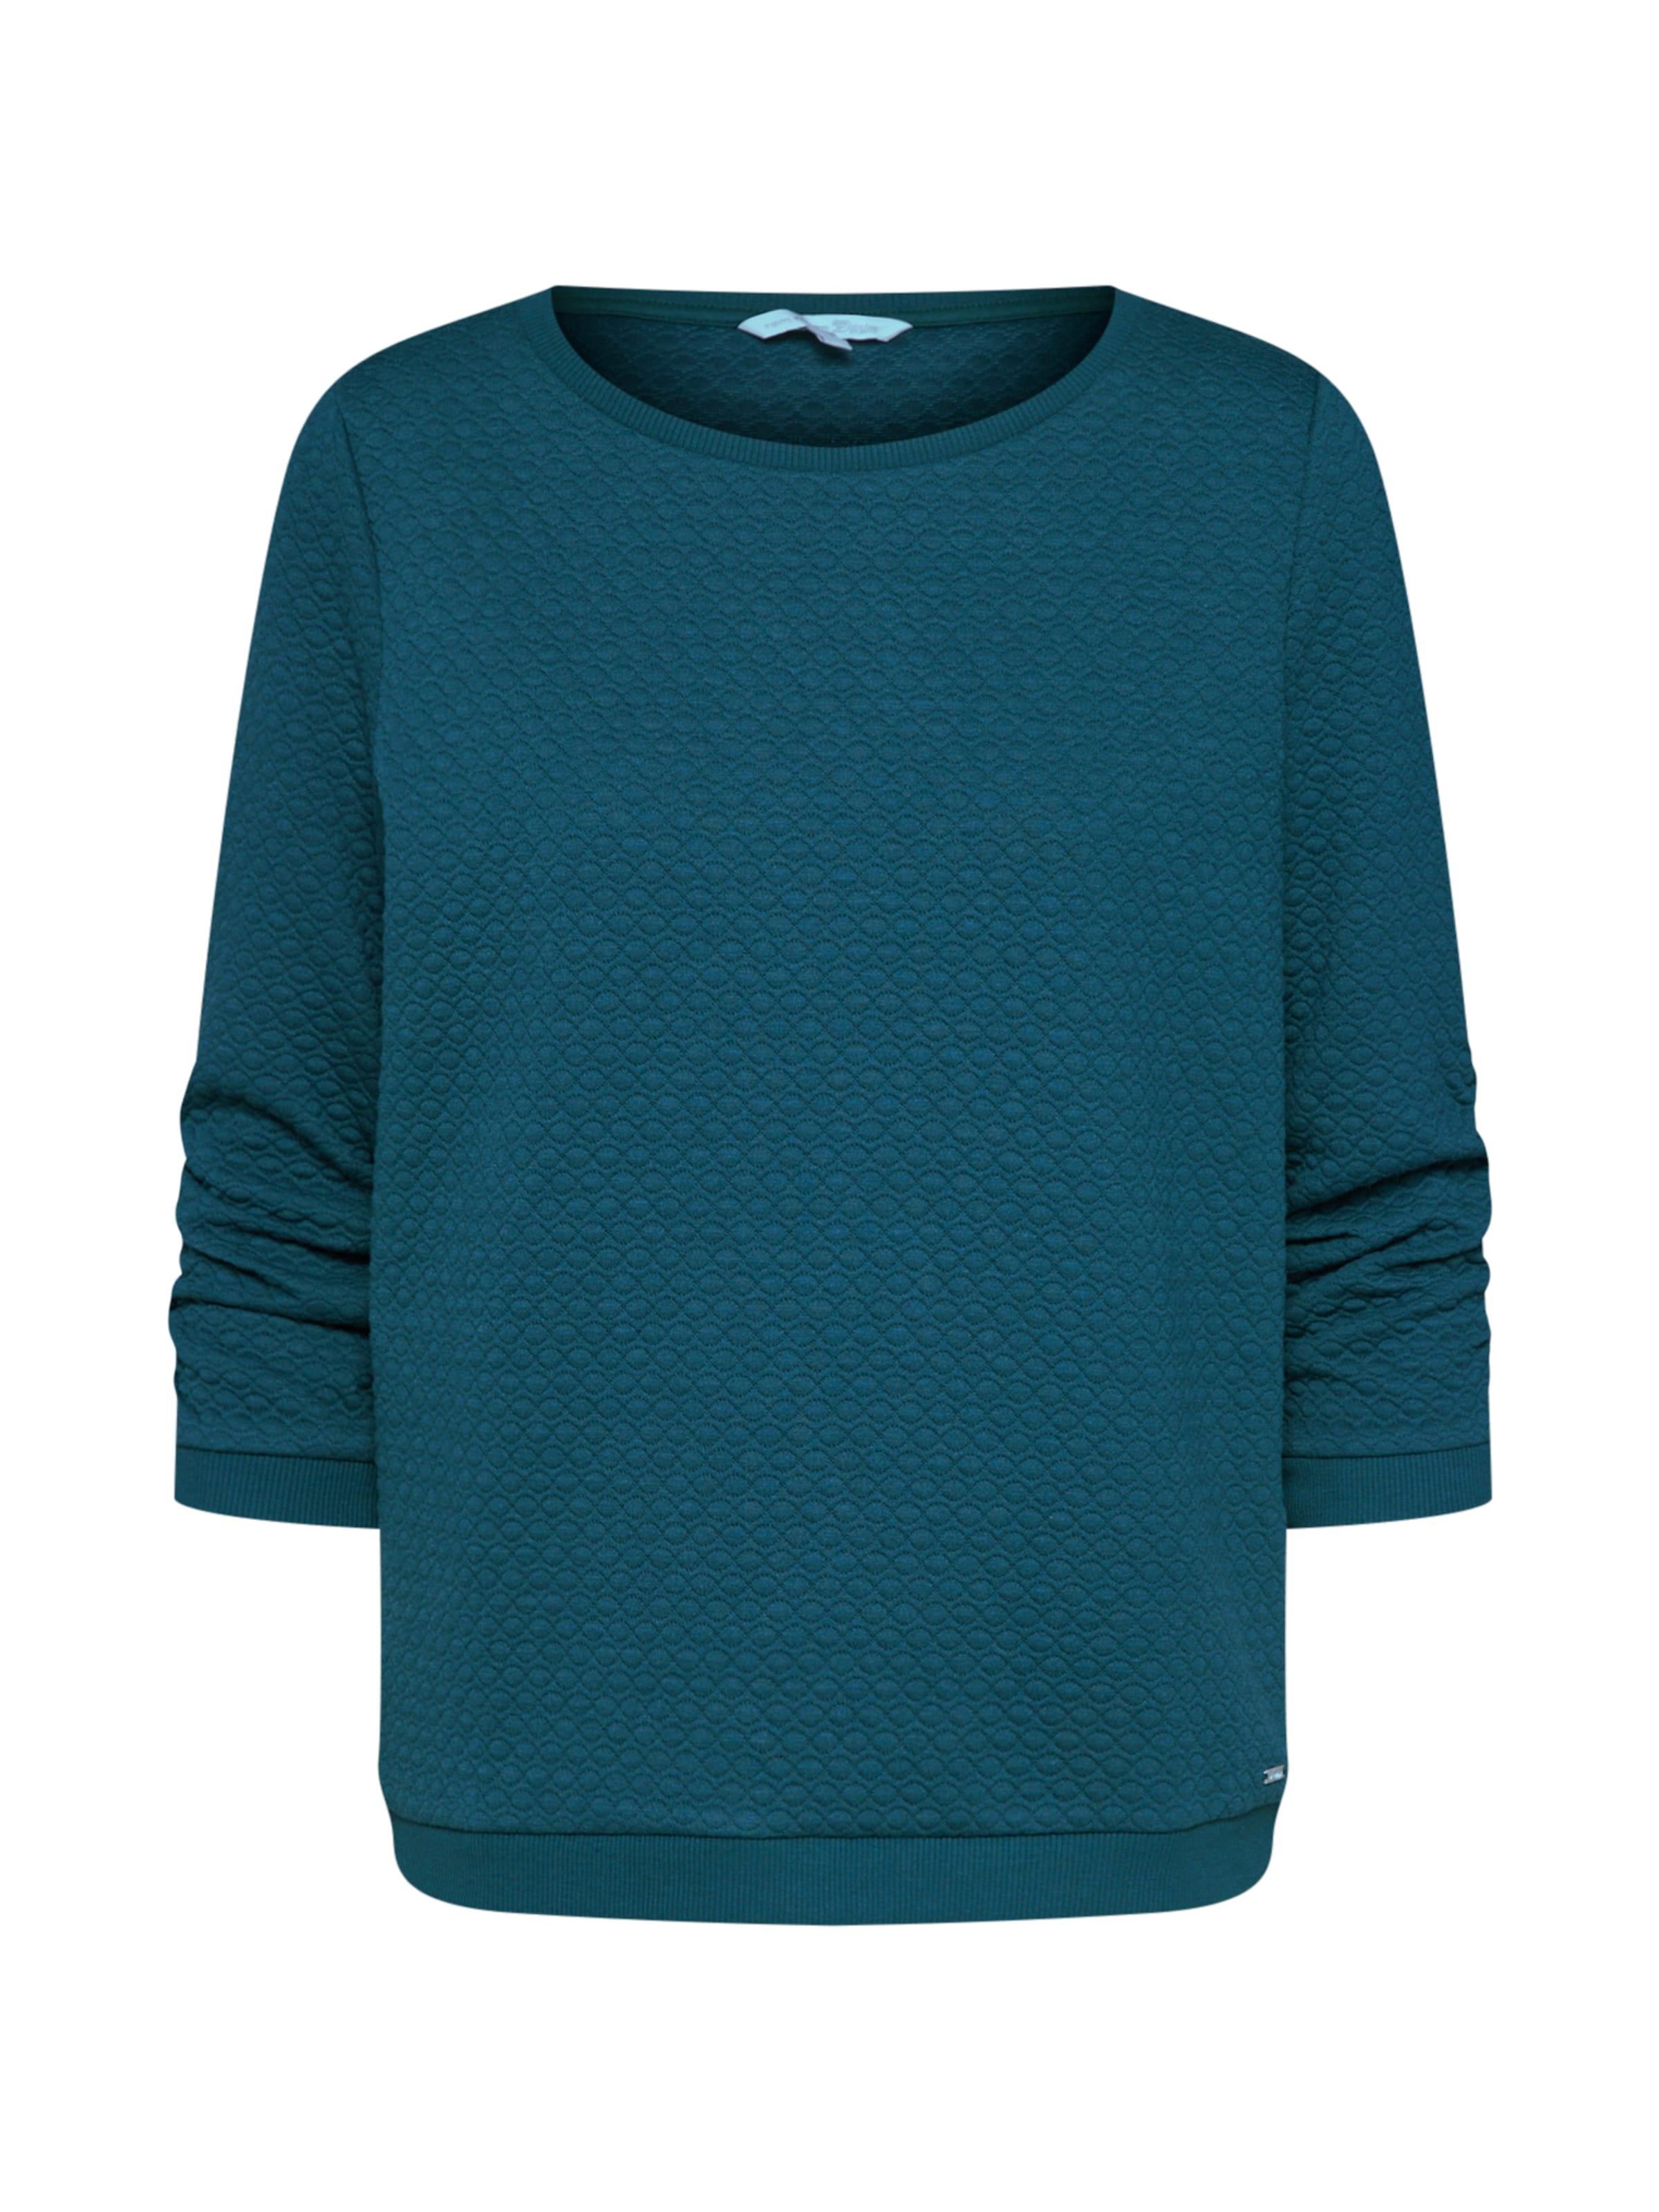 Denim shirt Émeraude En Tailor Sweat Tom SUzVqpM